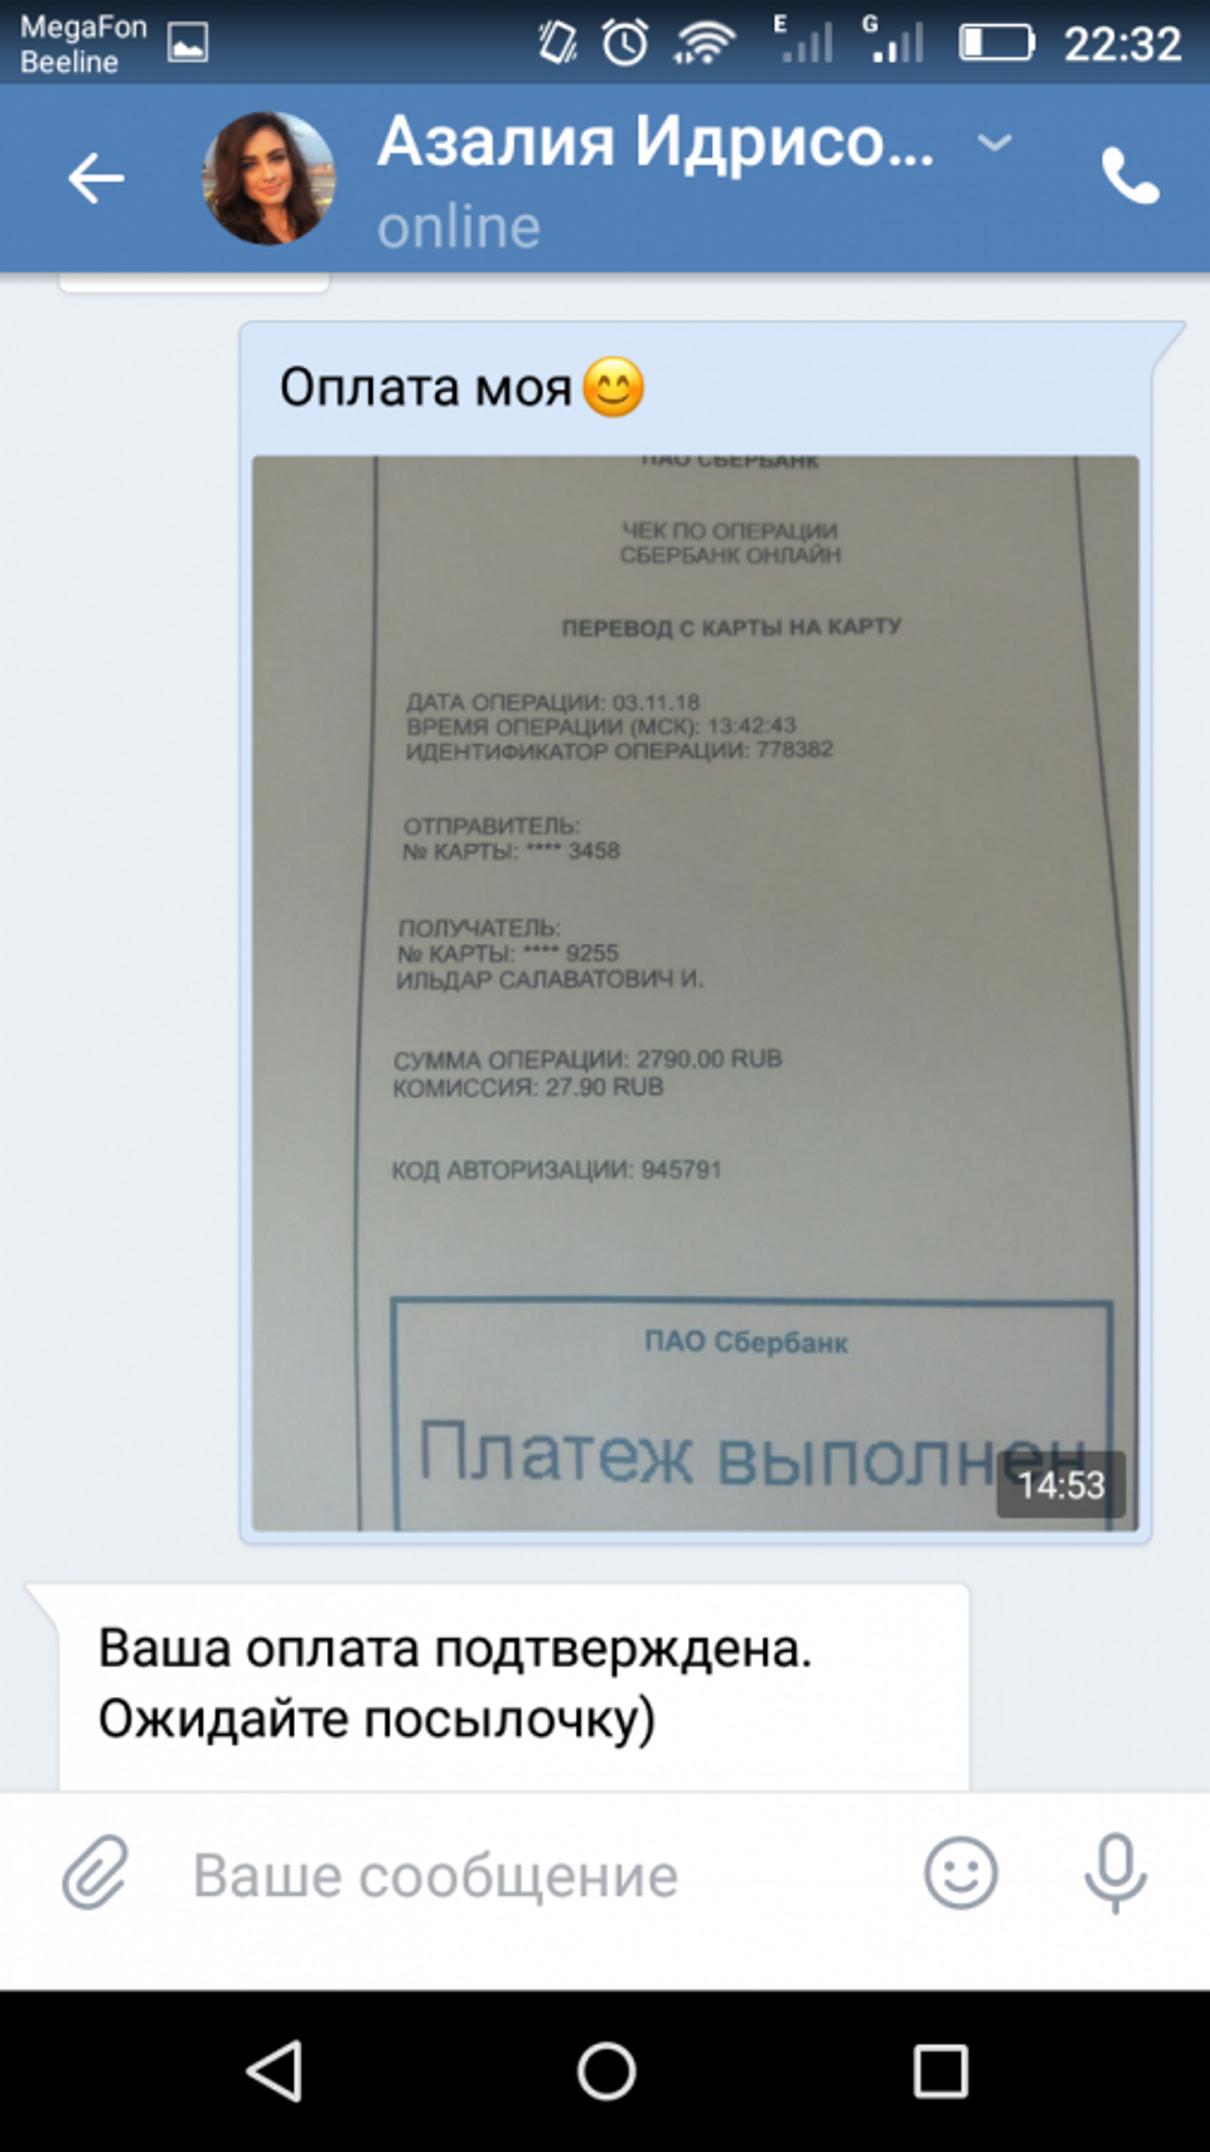 Жалоба-отзыв: Ильдар Идрисов - Интернет магазин мошенник